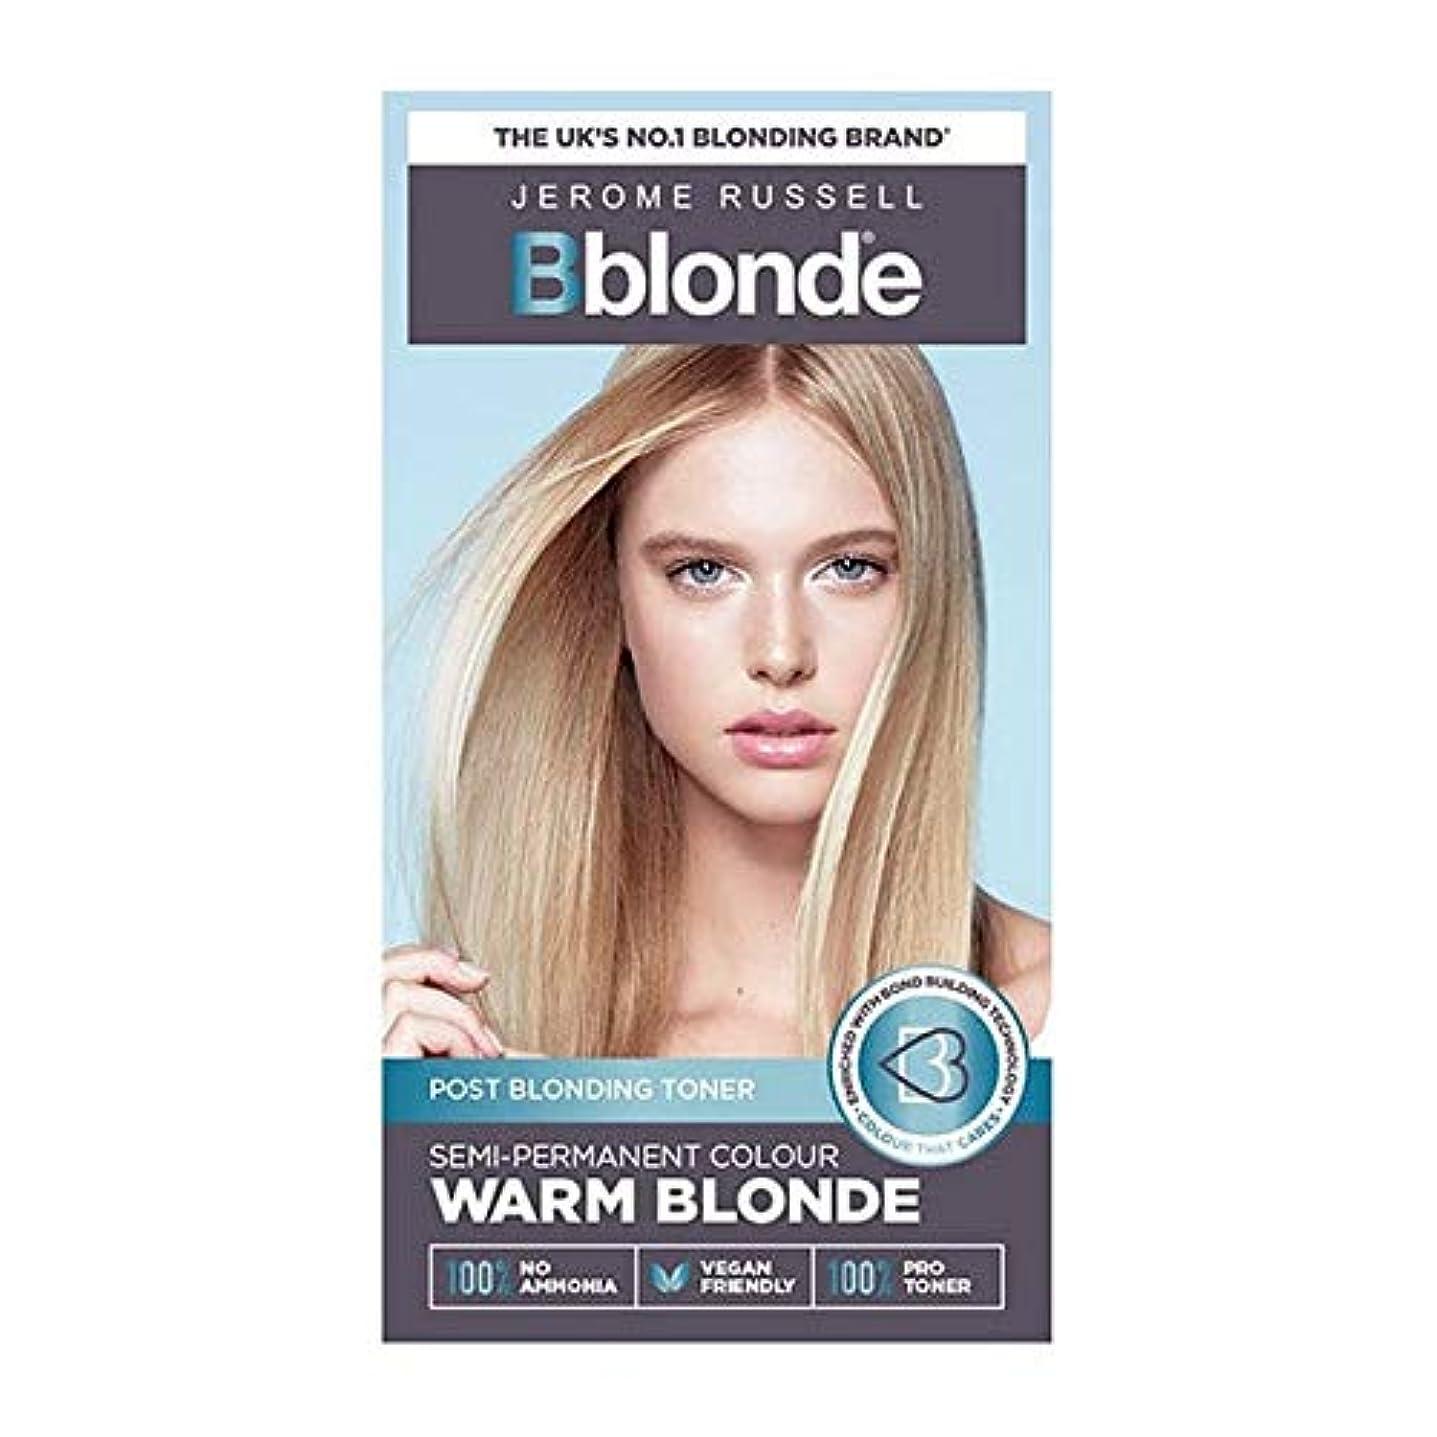 無秩序生態学レスリング[Jerome Russell ] ジェロームラッセルBblonde半恒久的なトナー暖かいブロンド - Jerome Russell Bblonde Semi Permanent Toner Warm Blonde [並行輸入品]